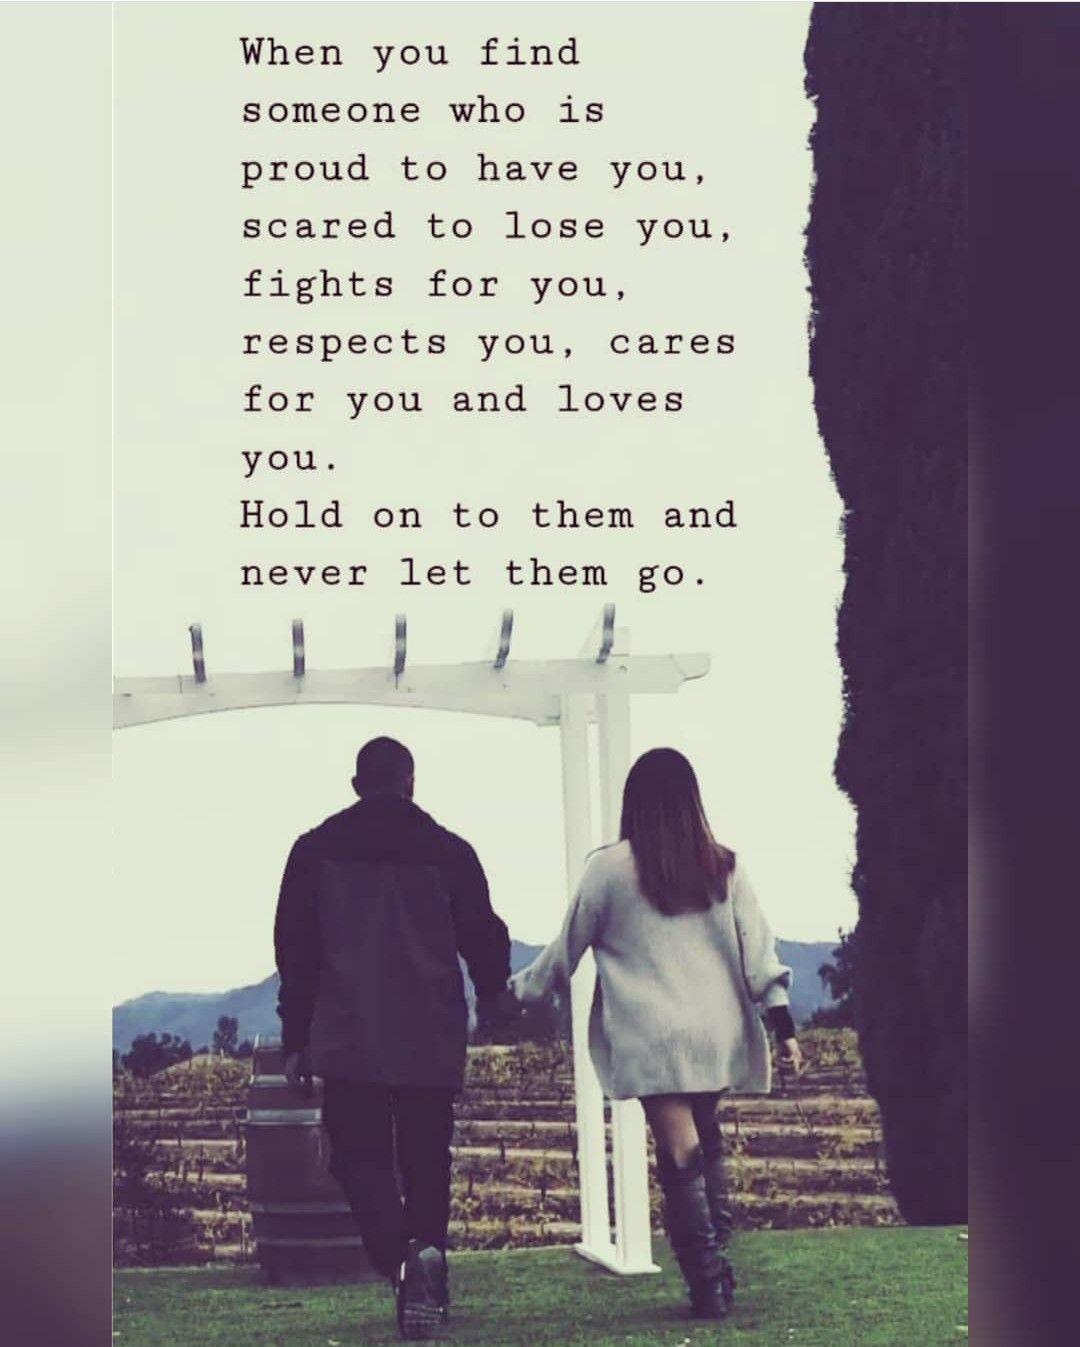 Losing friend quotes tumblr